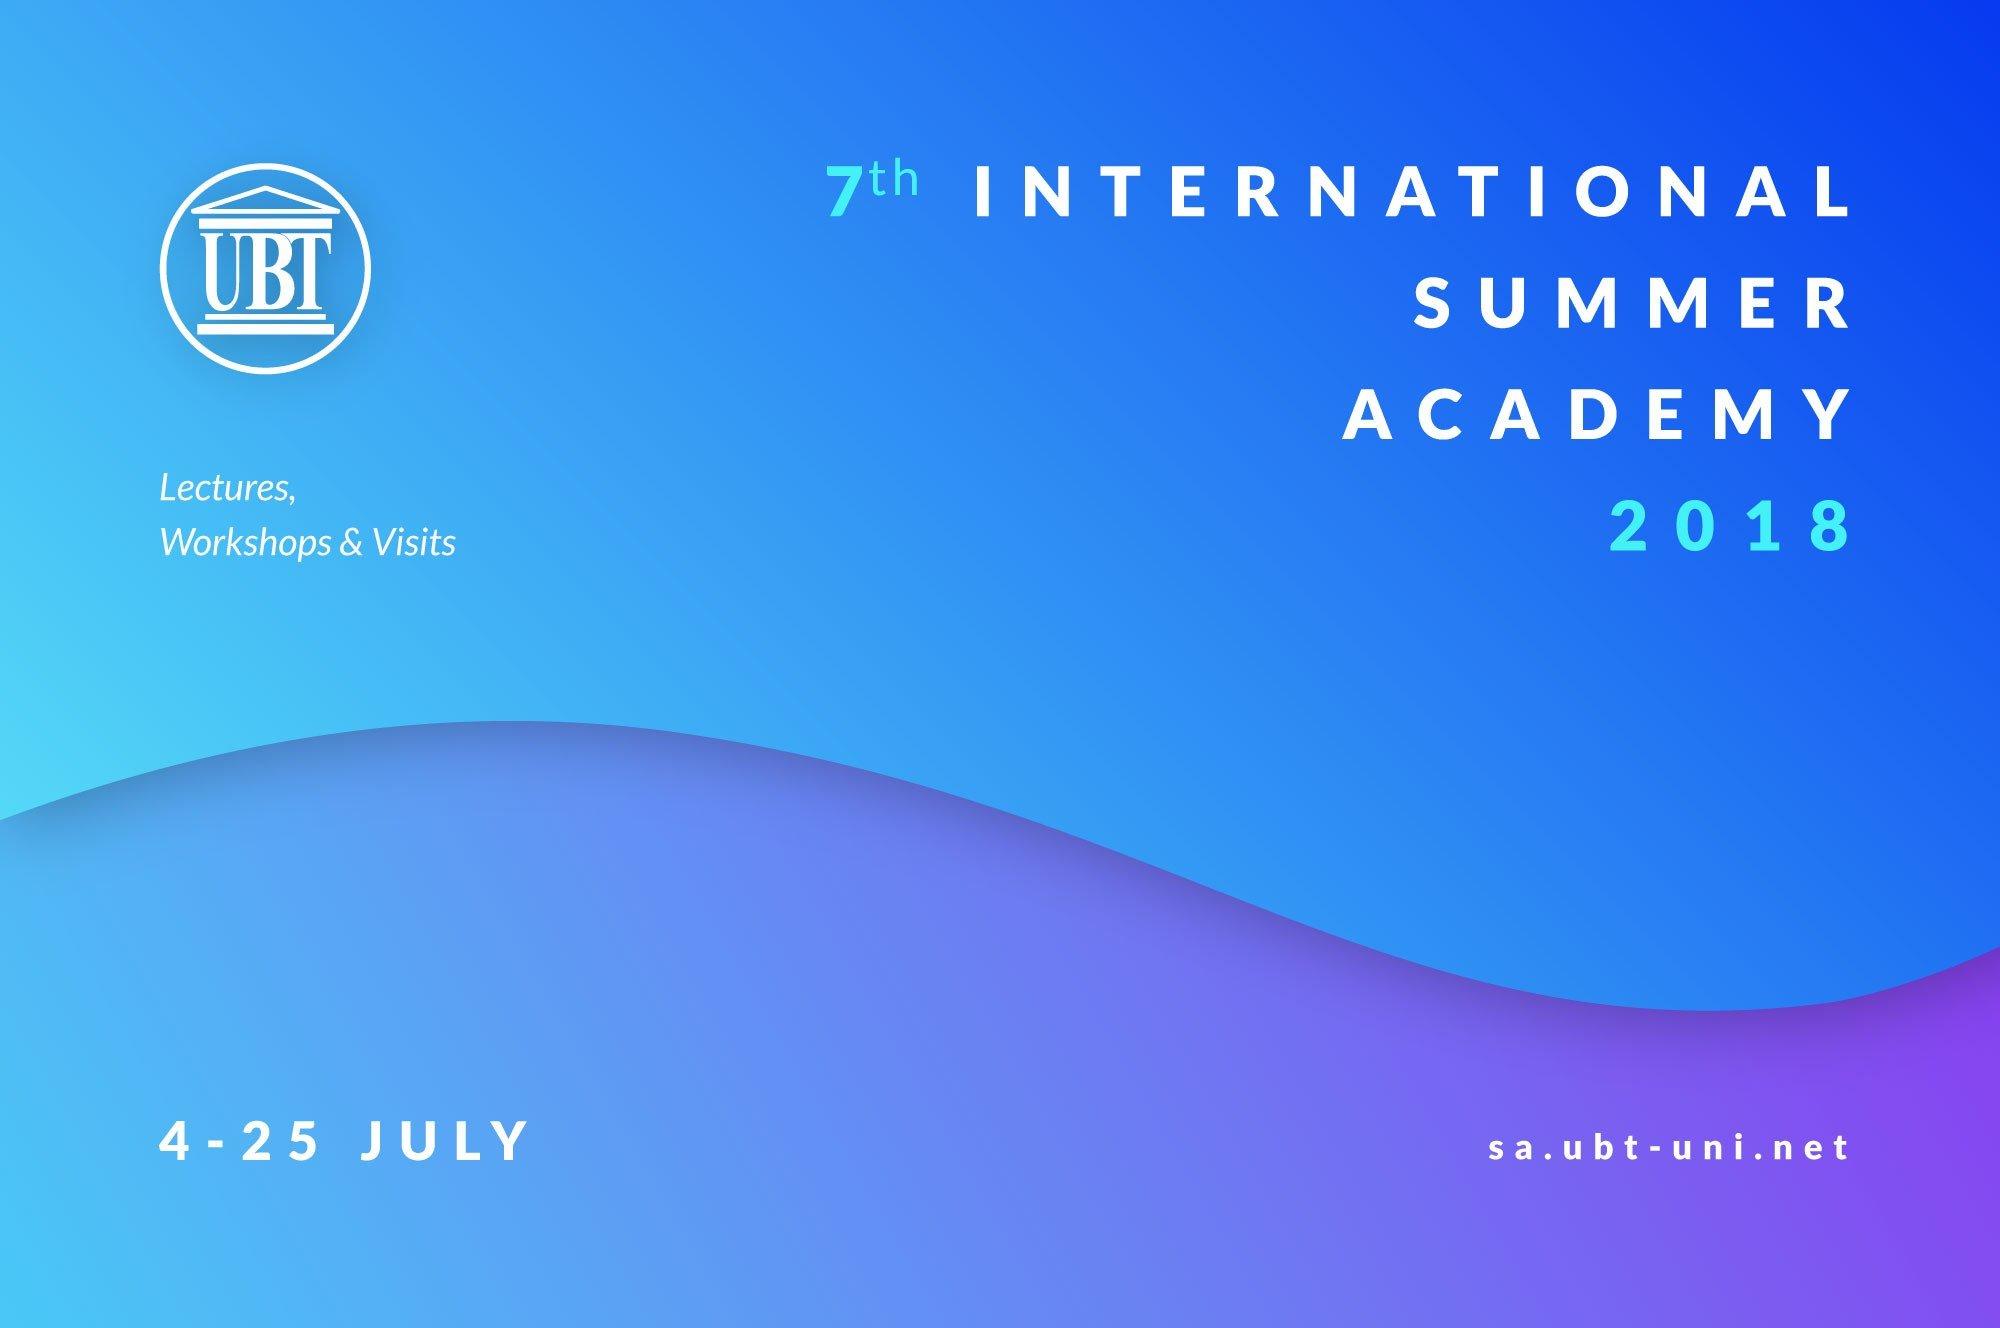 Javën tjetër nisi Akademia Ndërkombëtare Verore e UBT-së – Aplikimi ende i hapur (Foto&Video)